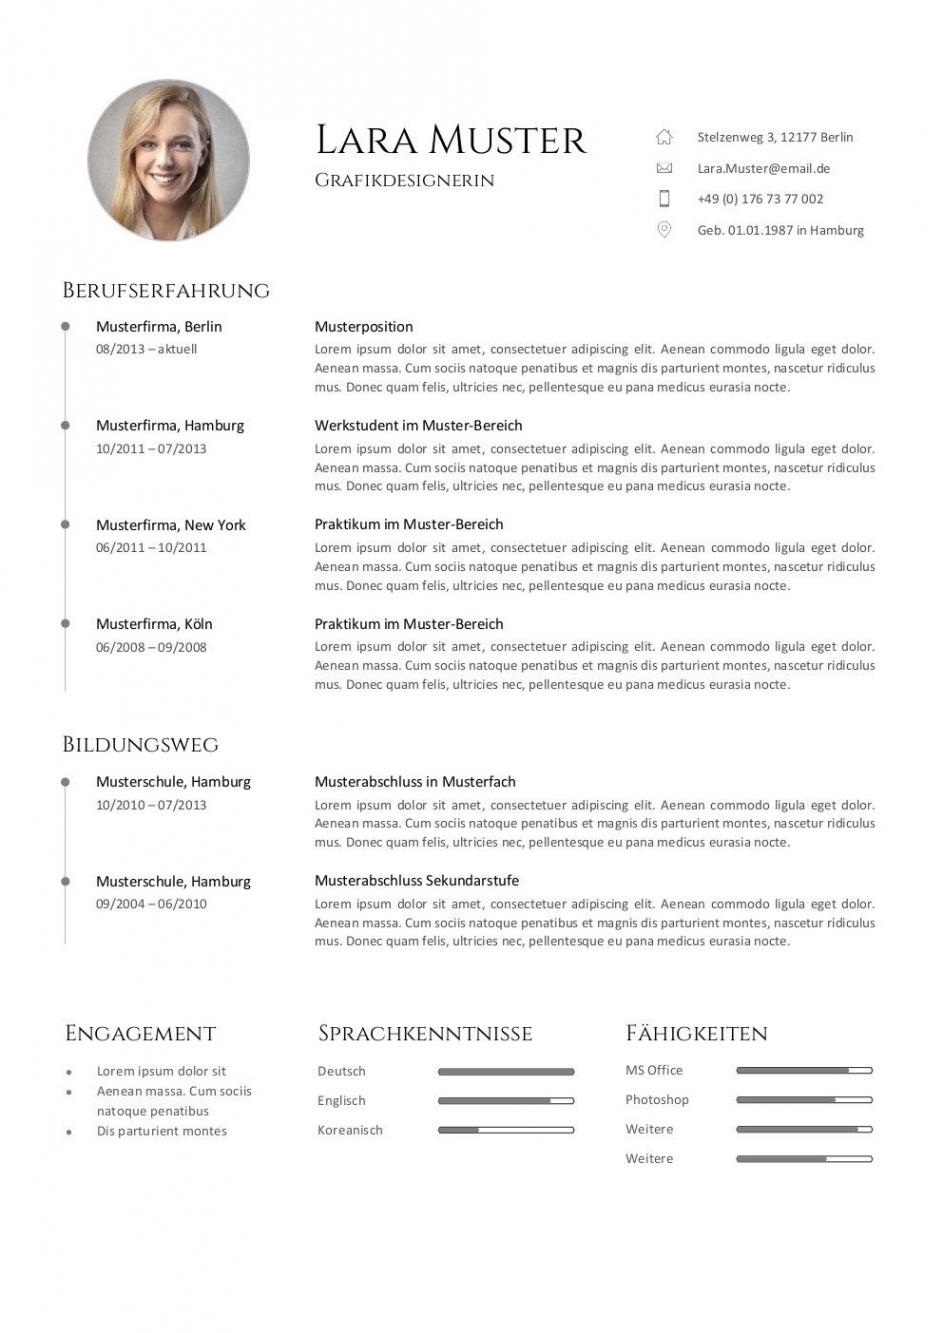 Bewerbungsvorlagen  77 Muster Für Die Bewerbung 2019  Career Lebenslauf Vorlage Curriculum Vitae